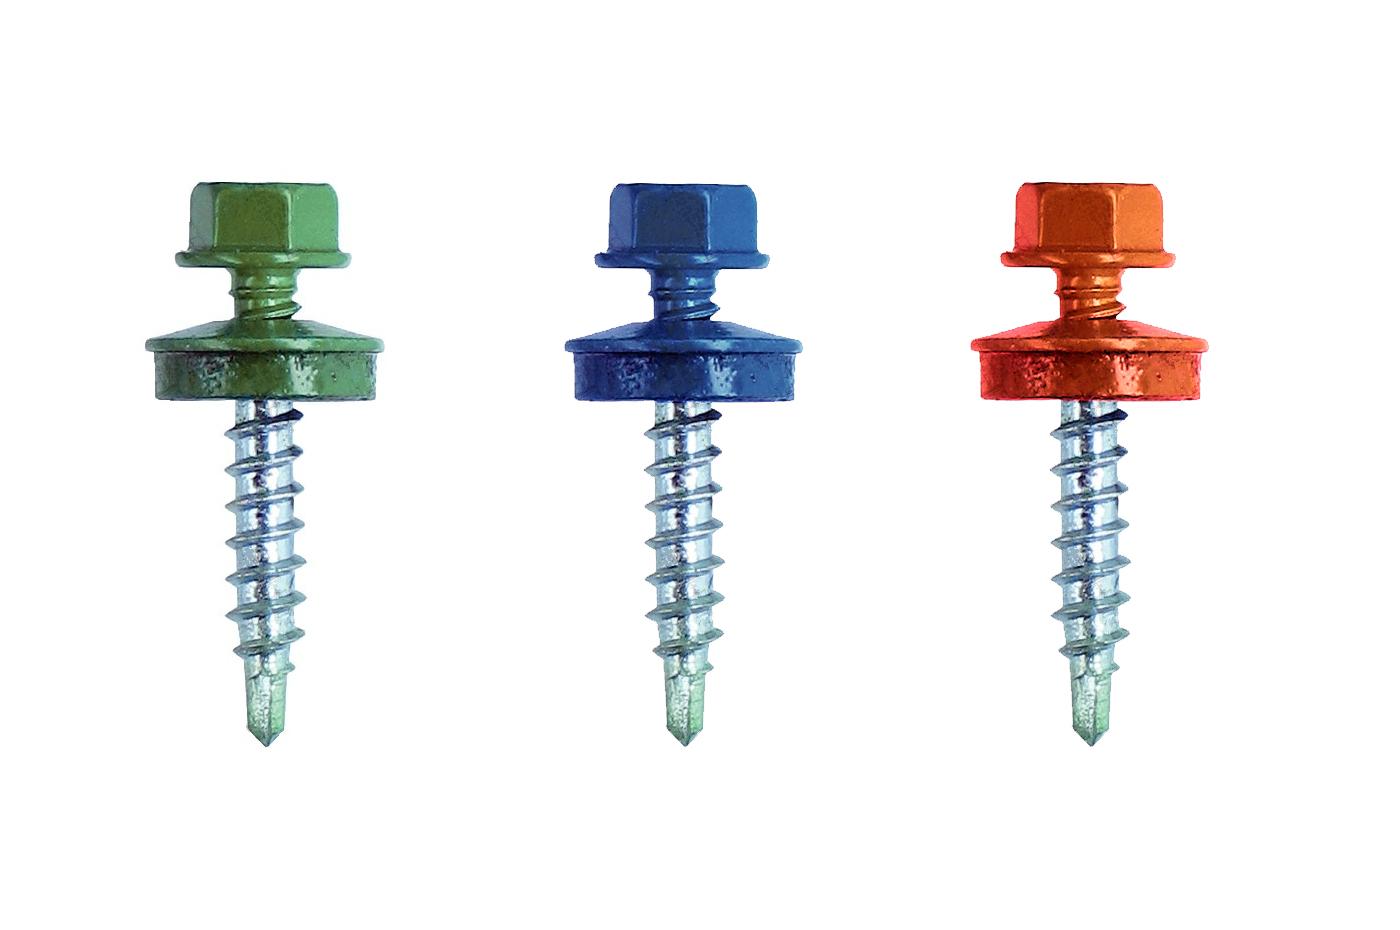 Саморезы для кровли 4.8x29 (5002) ультрамарин синий